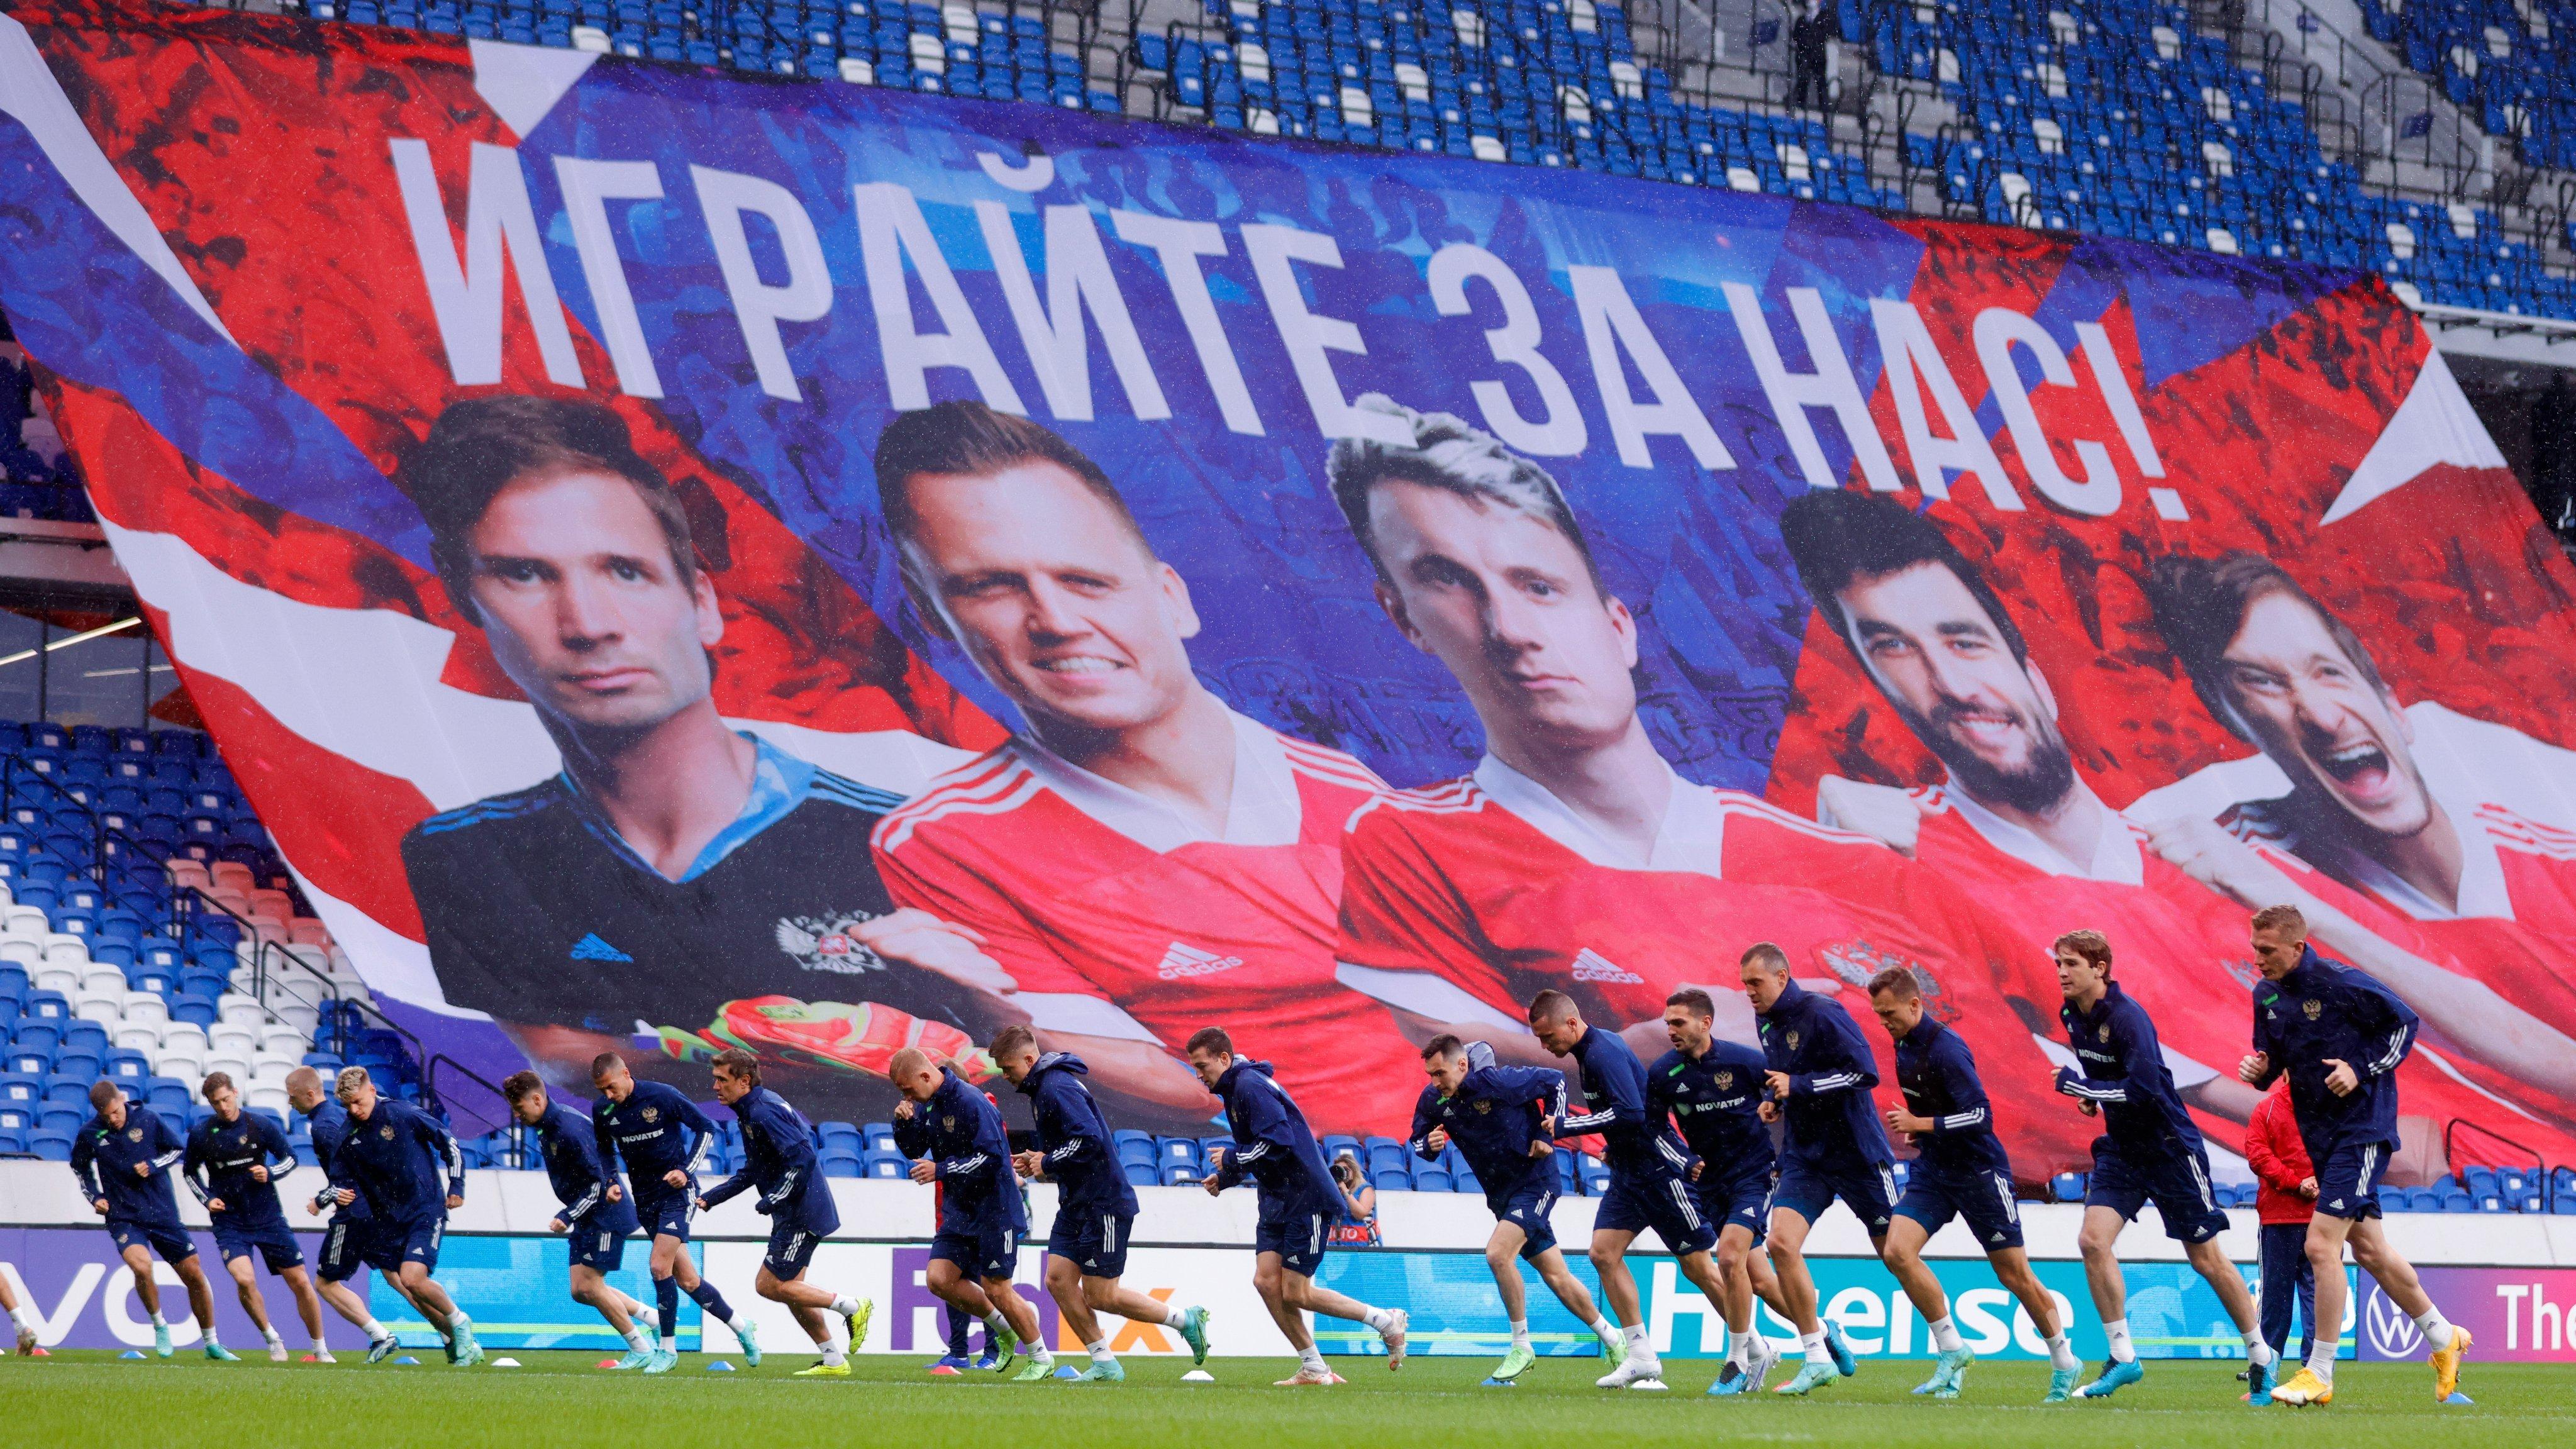 Кузяев, Дивеев и Кудряшов тренируются в общей группе перед матчем с Финляндией на Евро-2020